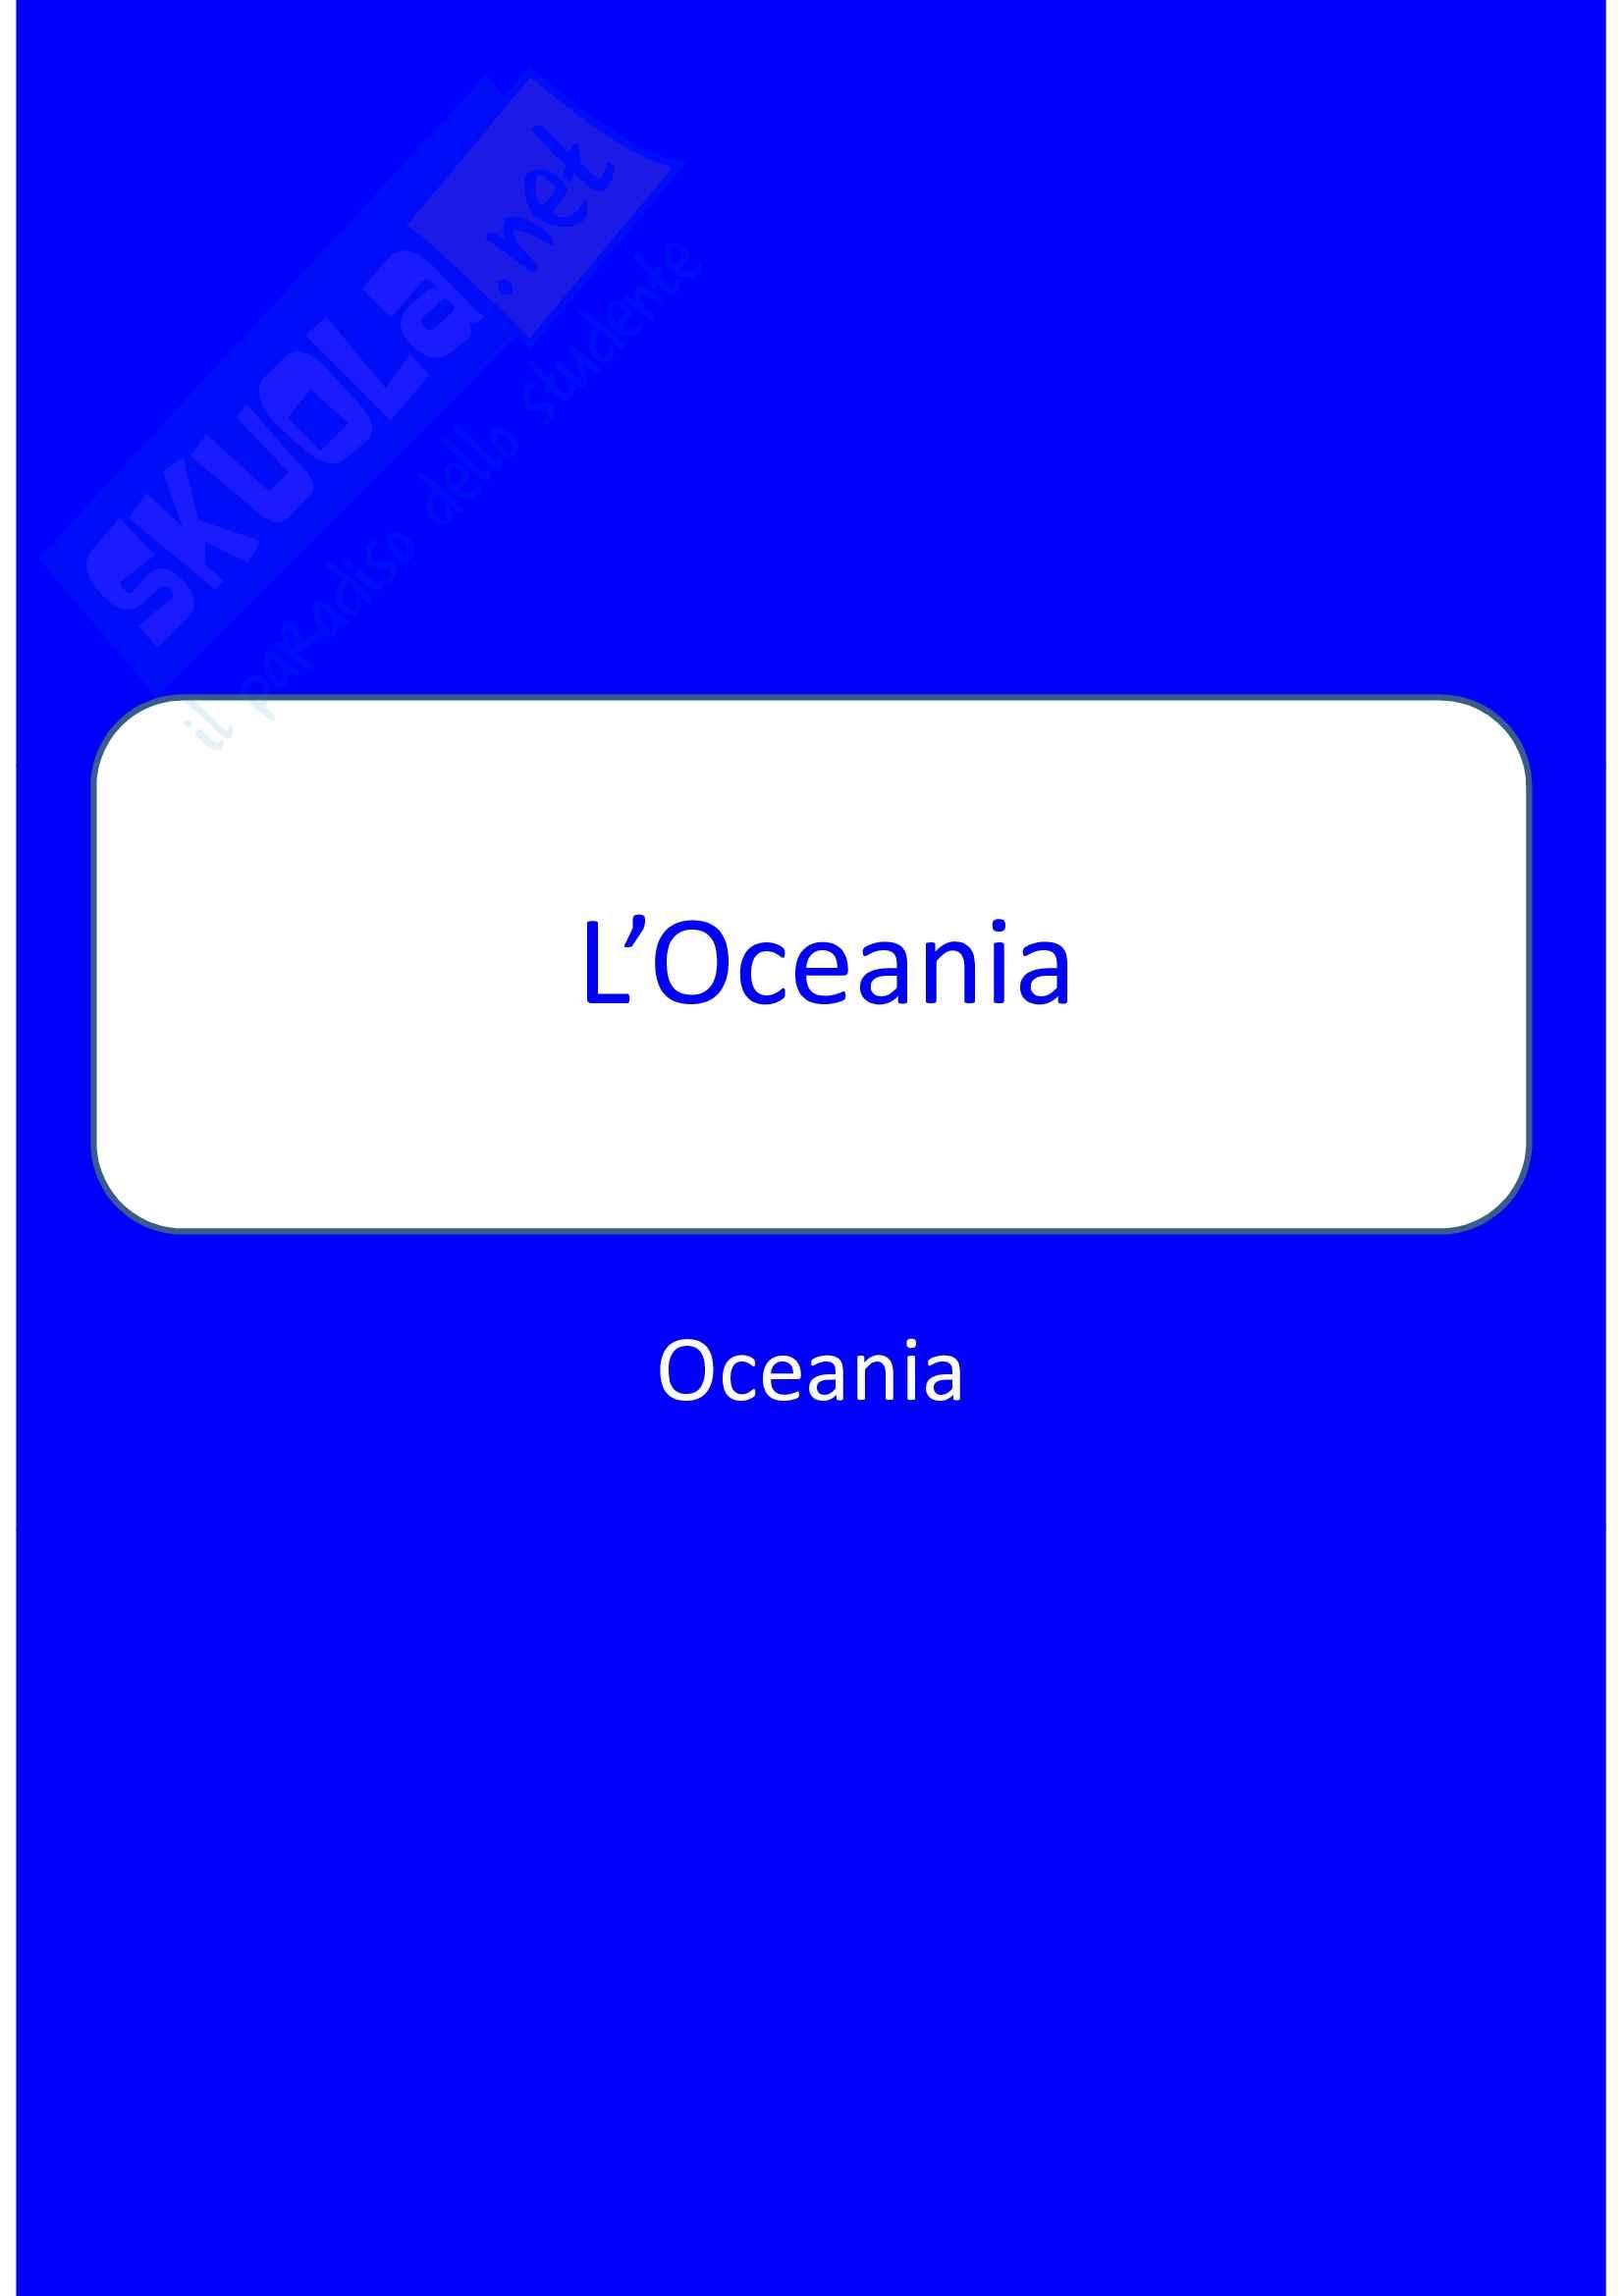 L'Oceania - Australia